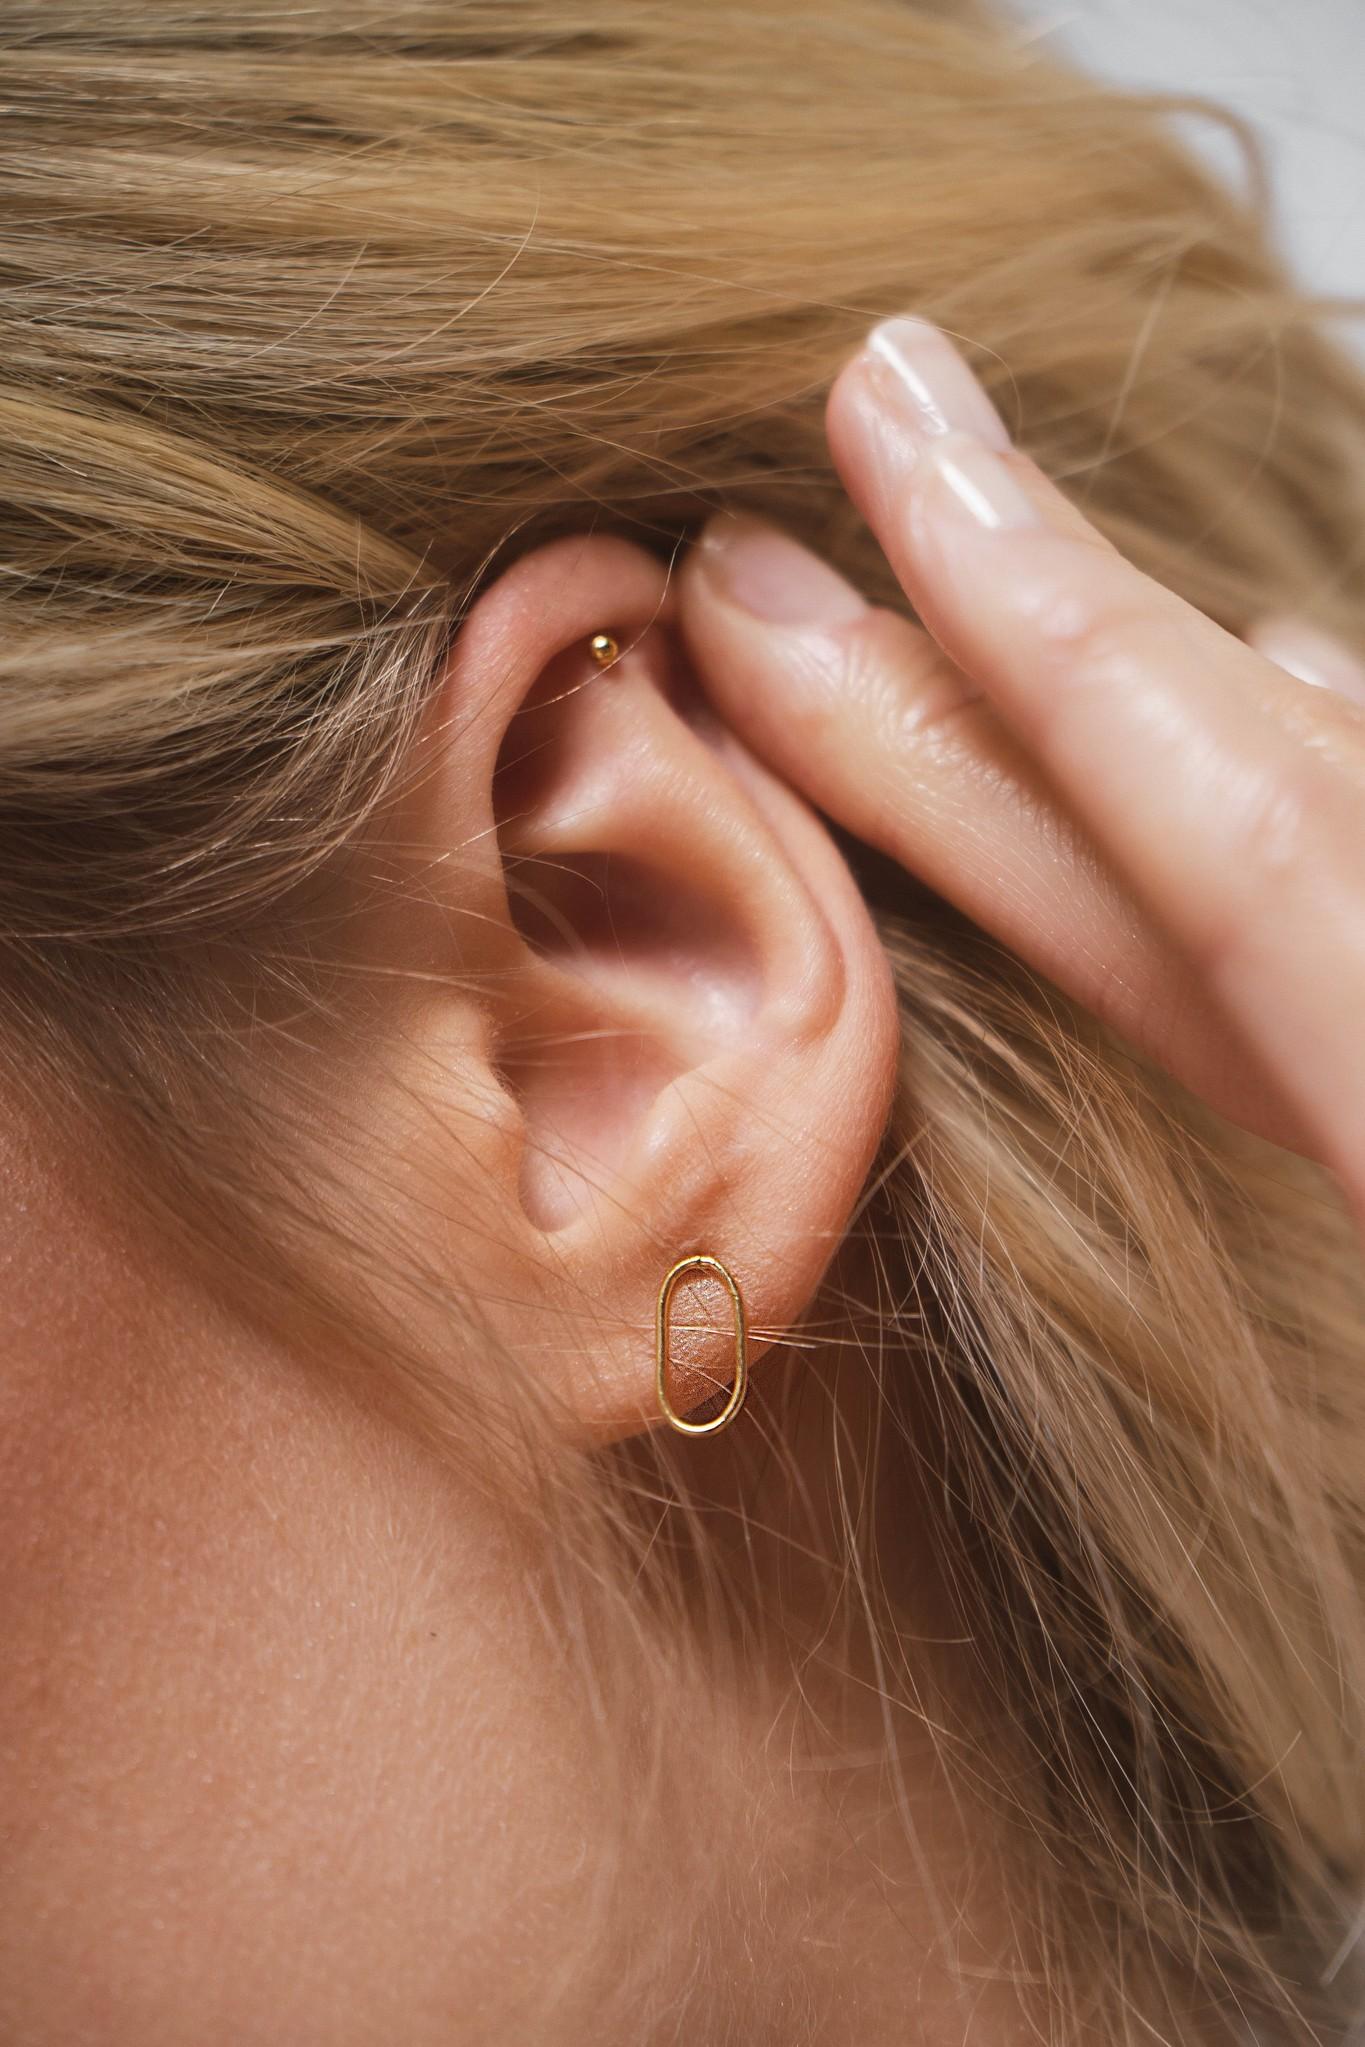 Fine Ear Studs Oval - 925 Sterling Silver - Gold-2